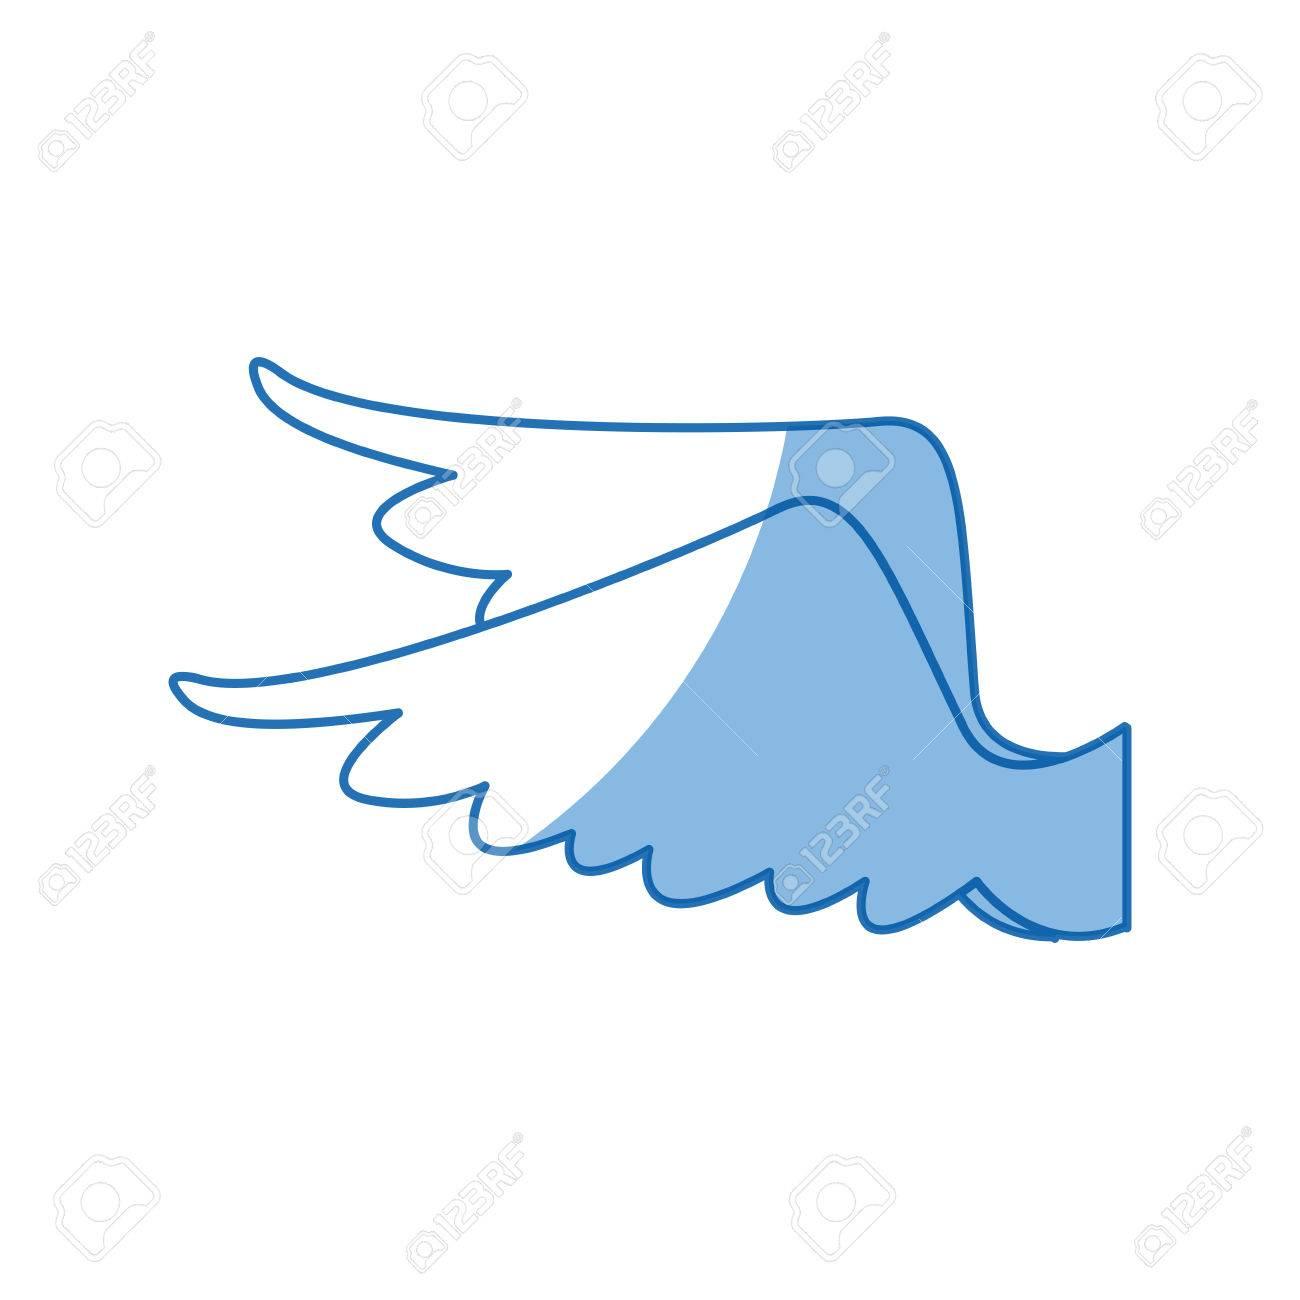 Dessin Ailes Plume Oiseau Ange Icône Vector Illustration